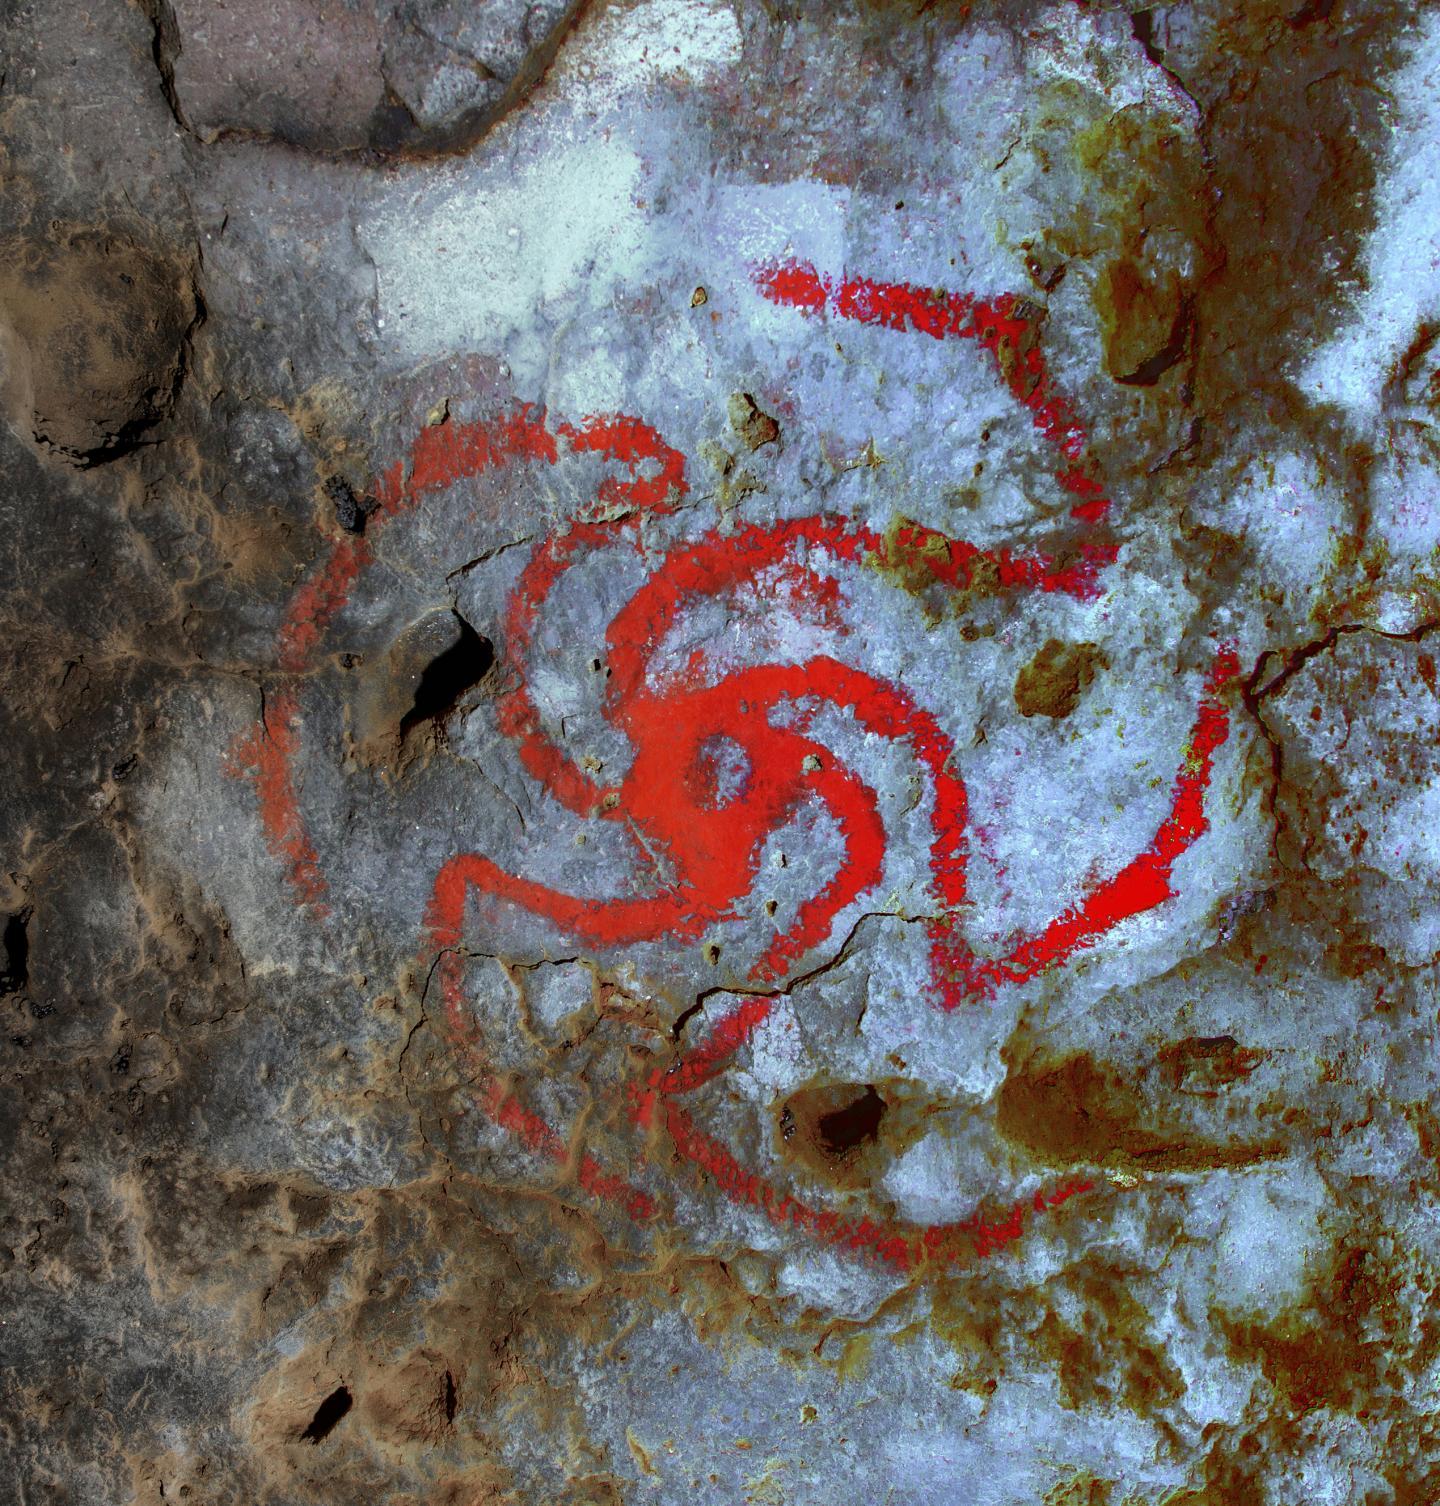 California: scoperte tracce di allucinogeni in una grotta 'sacra' agli indigeni Chumash